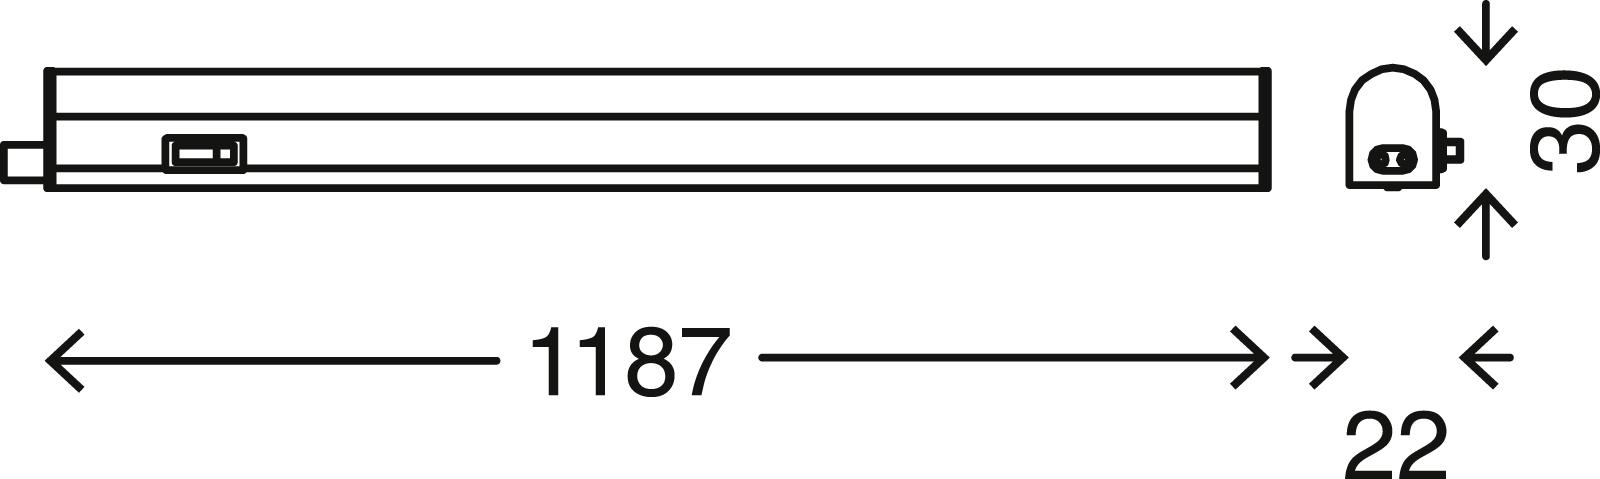 LED Unterbauleuchte, 117,3 cm, 14 W, Weiss